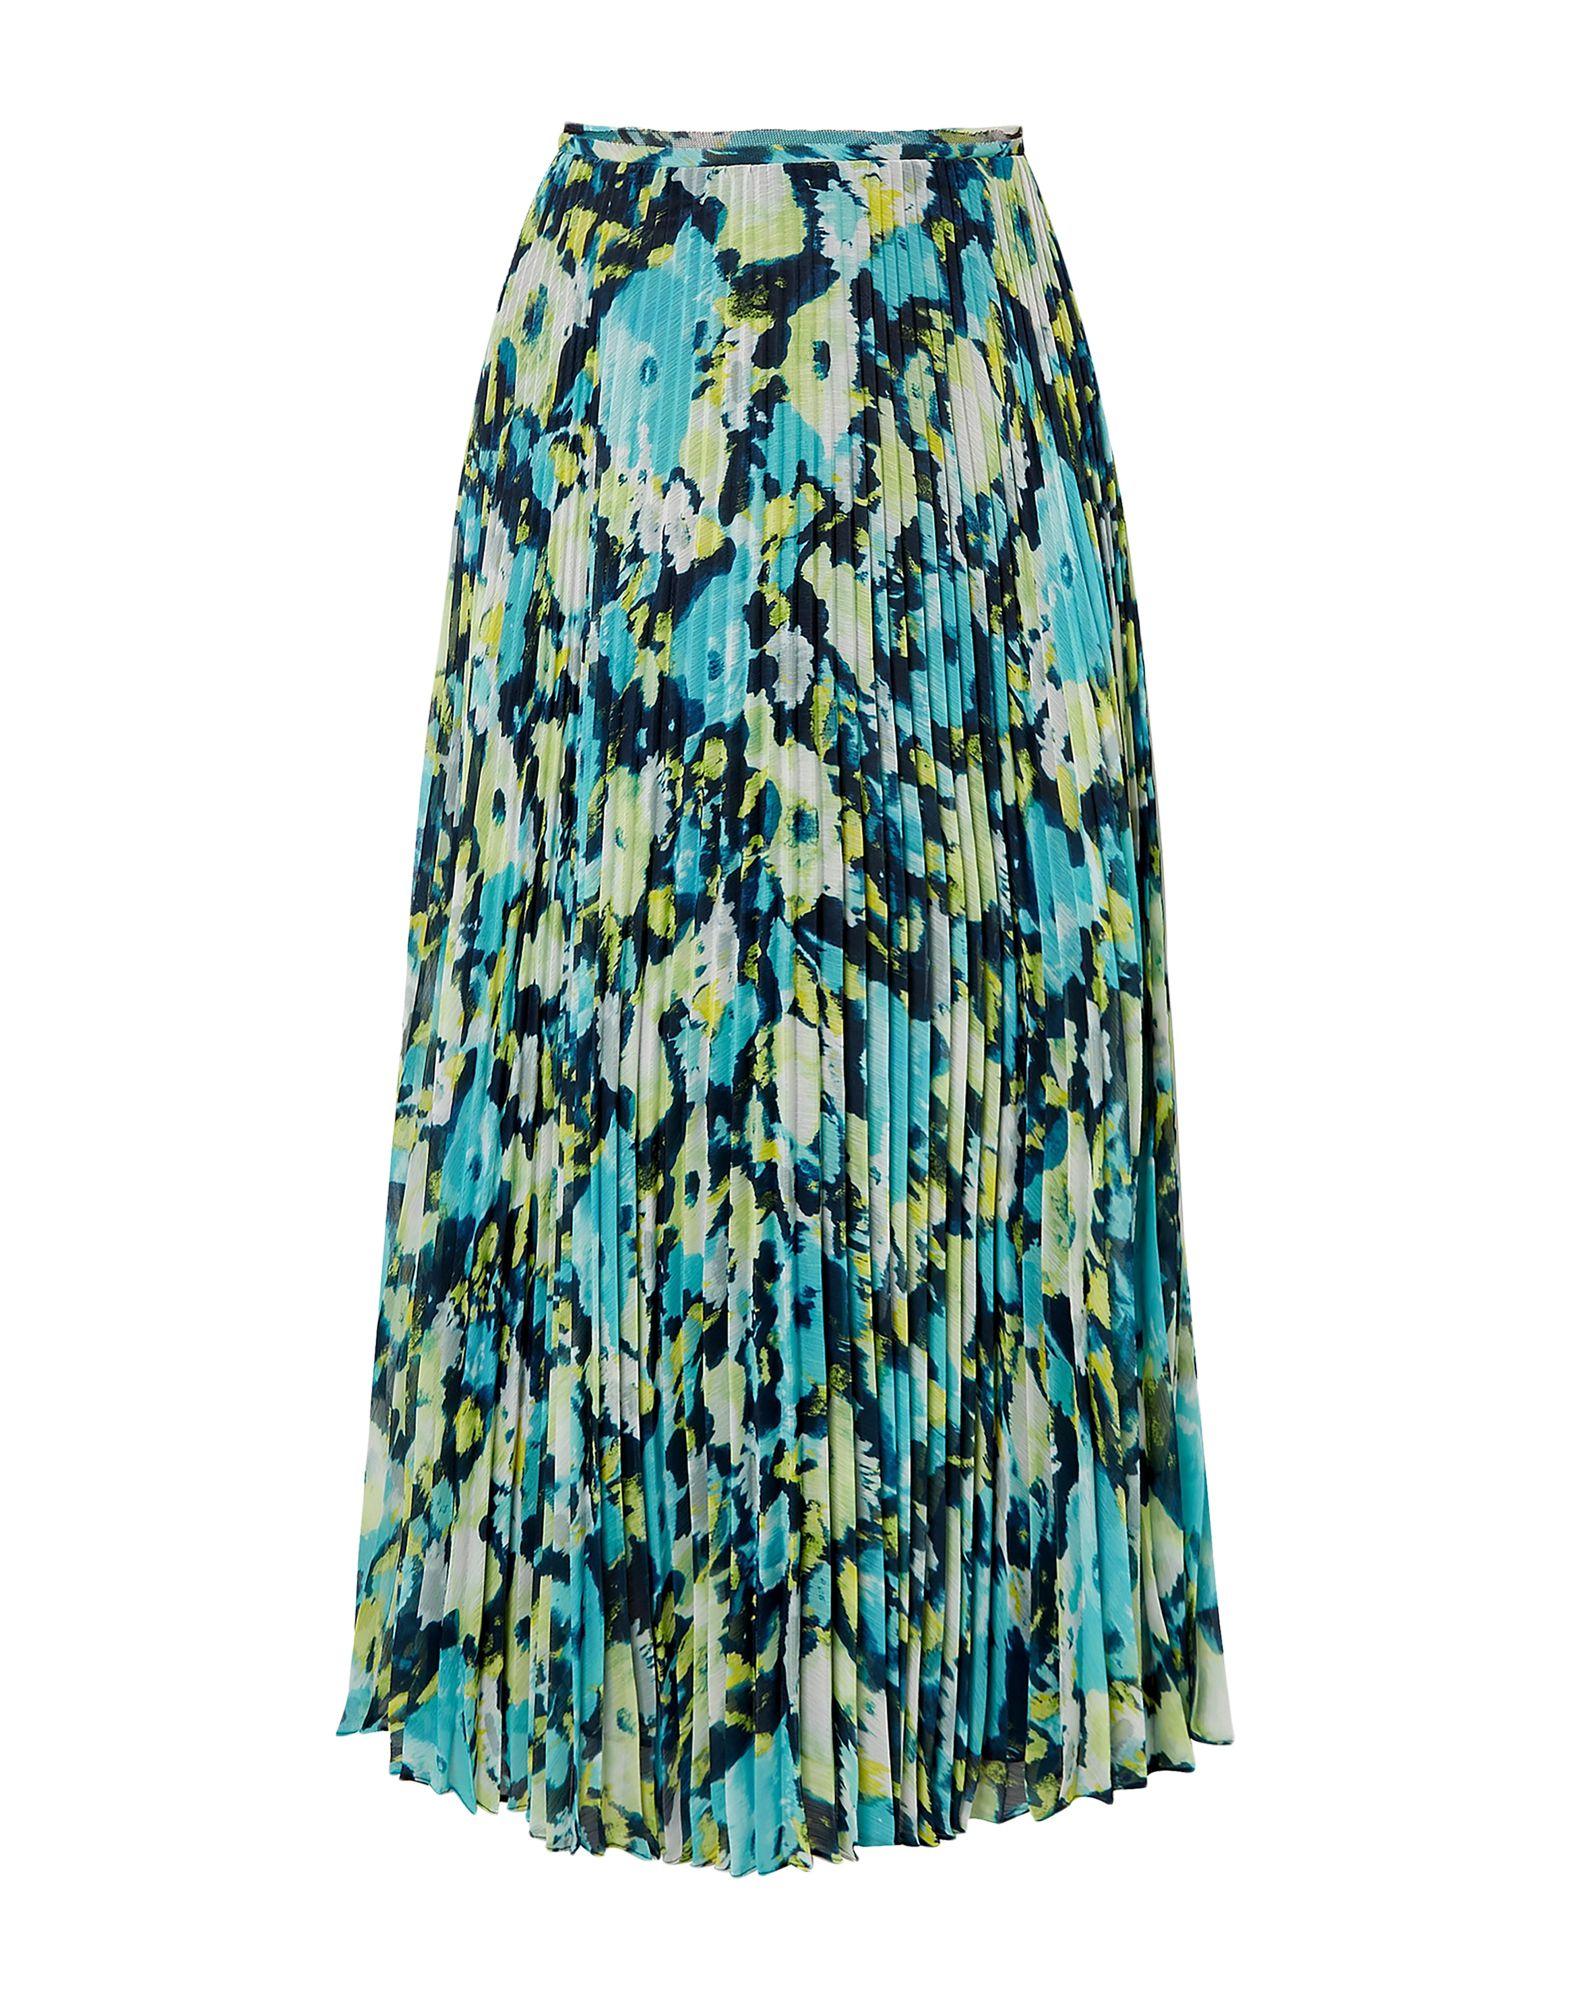 Фото - JASON WU COLLECTION Юбка длиной 3/4 jason wu collection юбка длиной 3 4